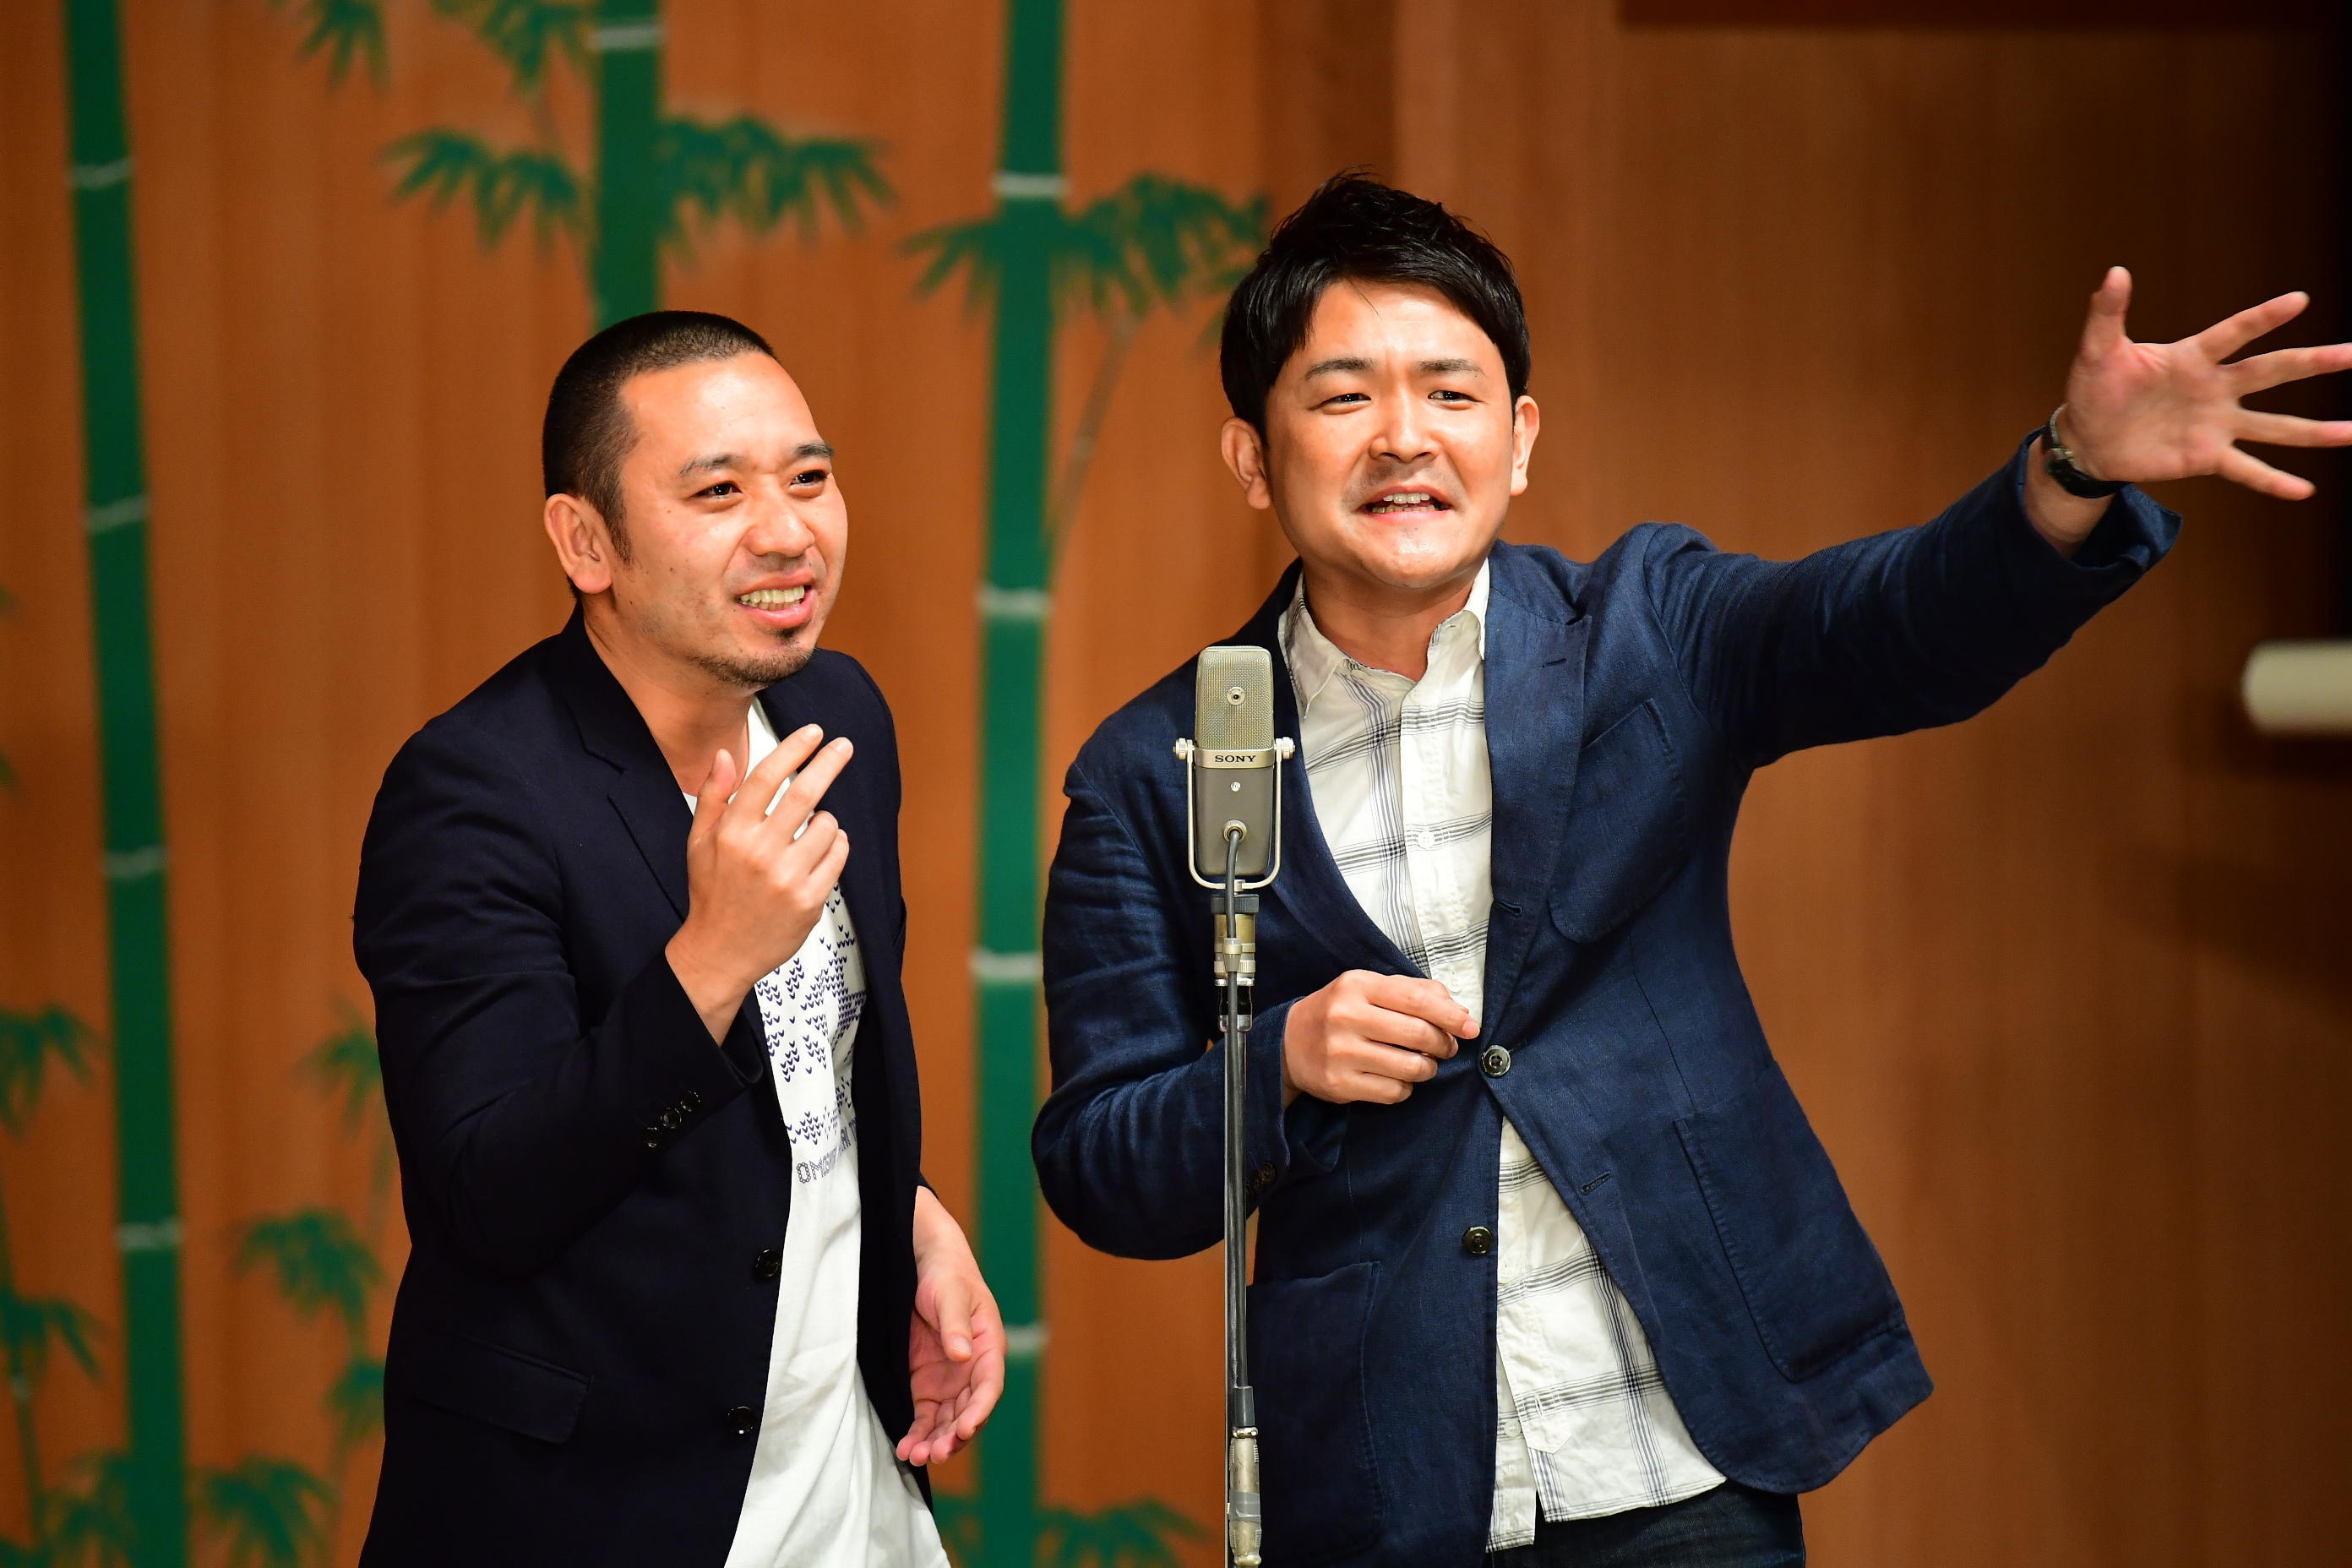 http://news.yoshimoto.co.jp/20170430094631-c4491d83dc2fba143a17c8df8c8db38c253e62d9.jpg